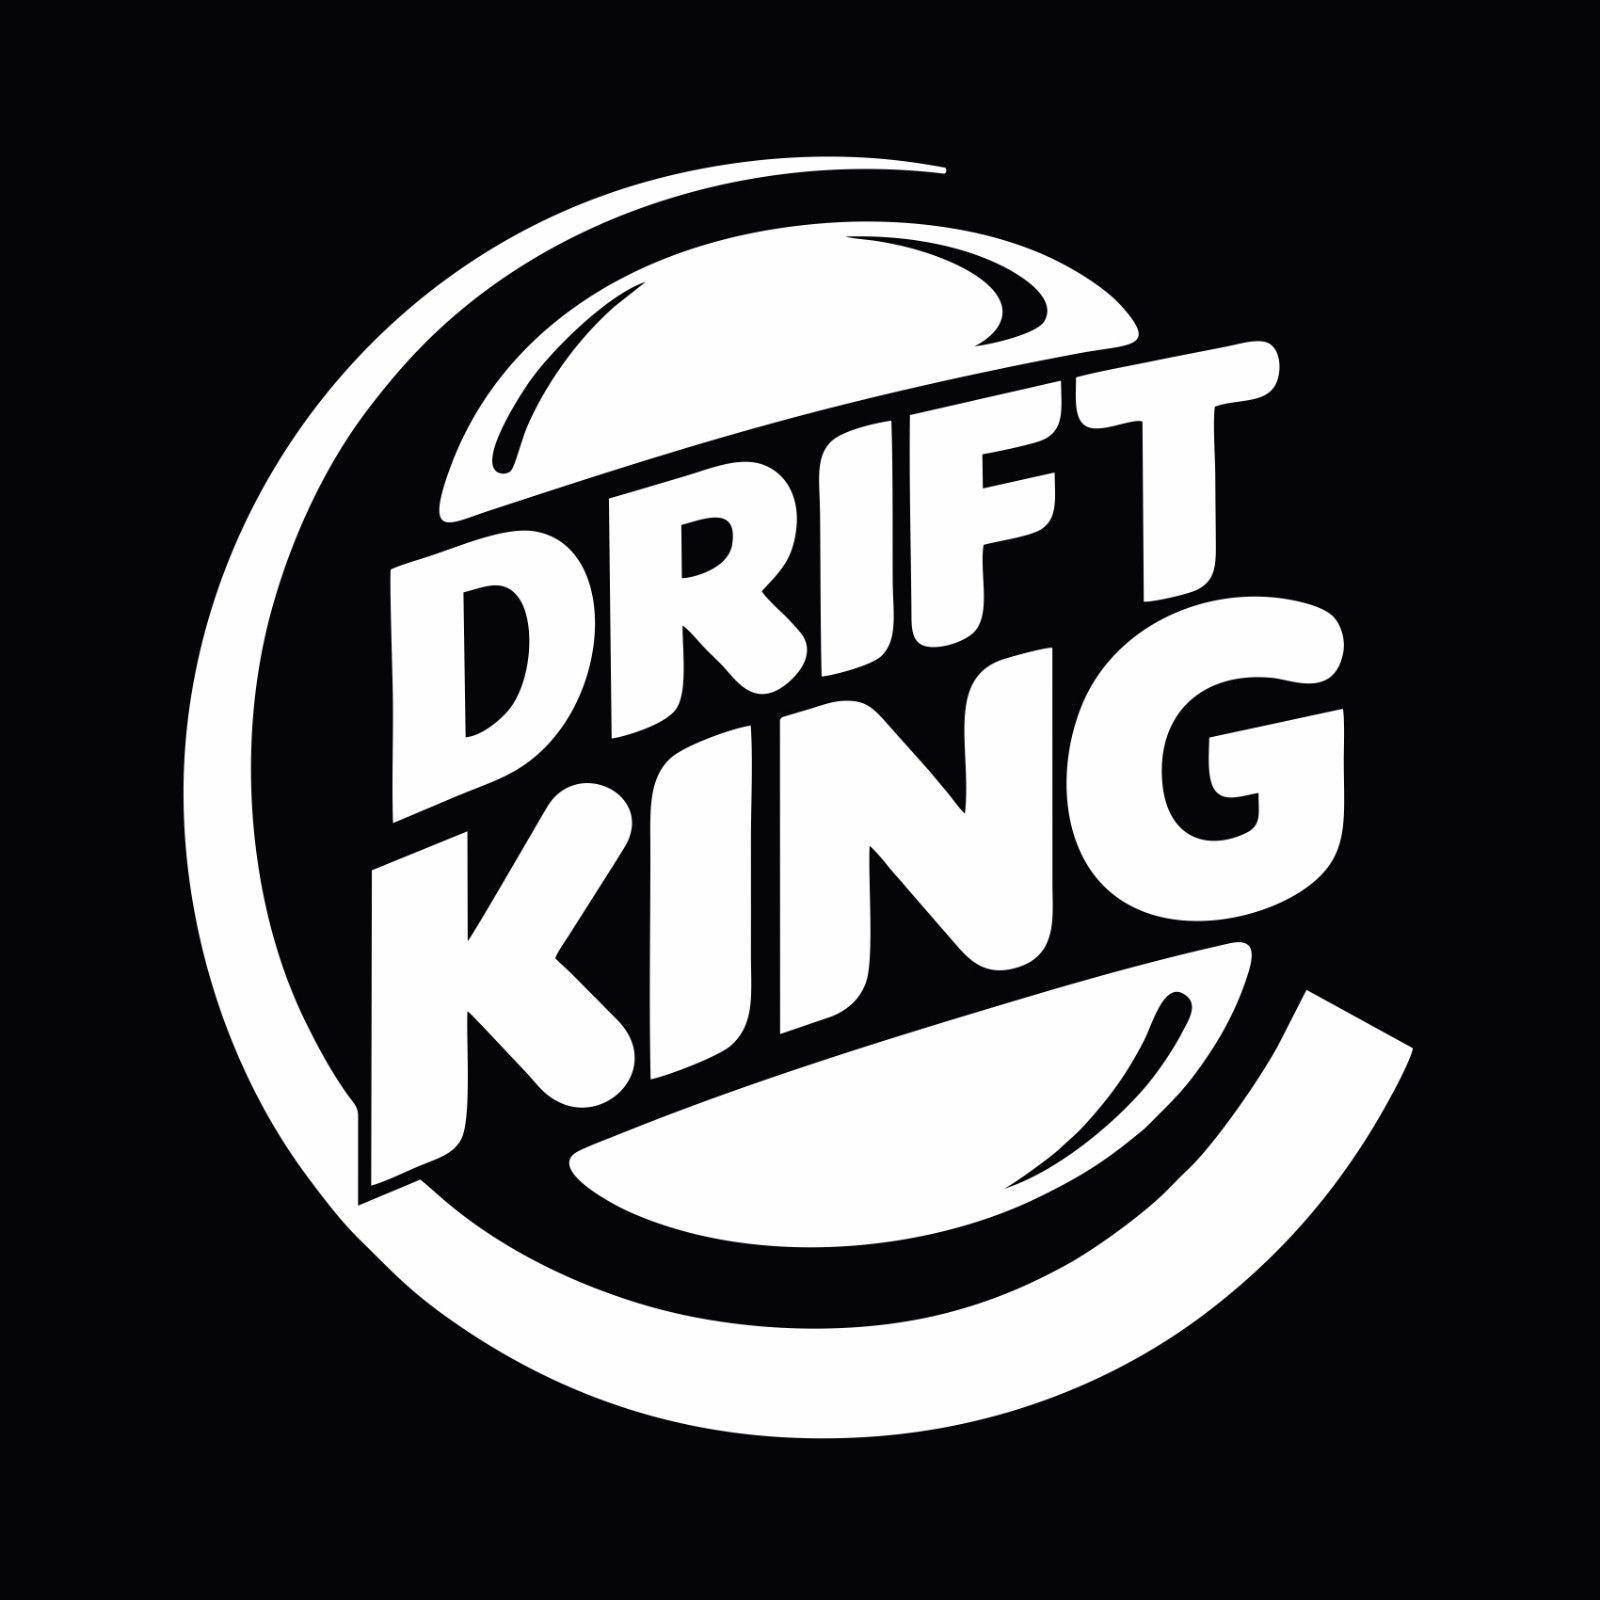 Drift king jdm drifting stance car window bumper vinyl decal sticker ebay